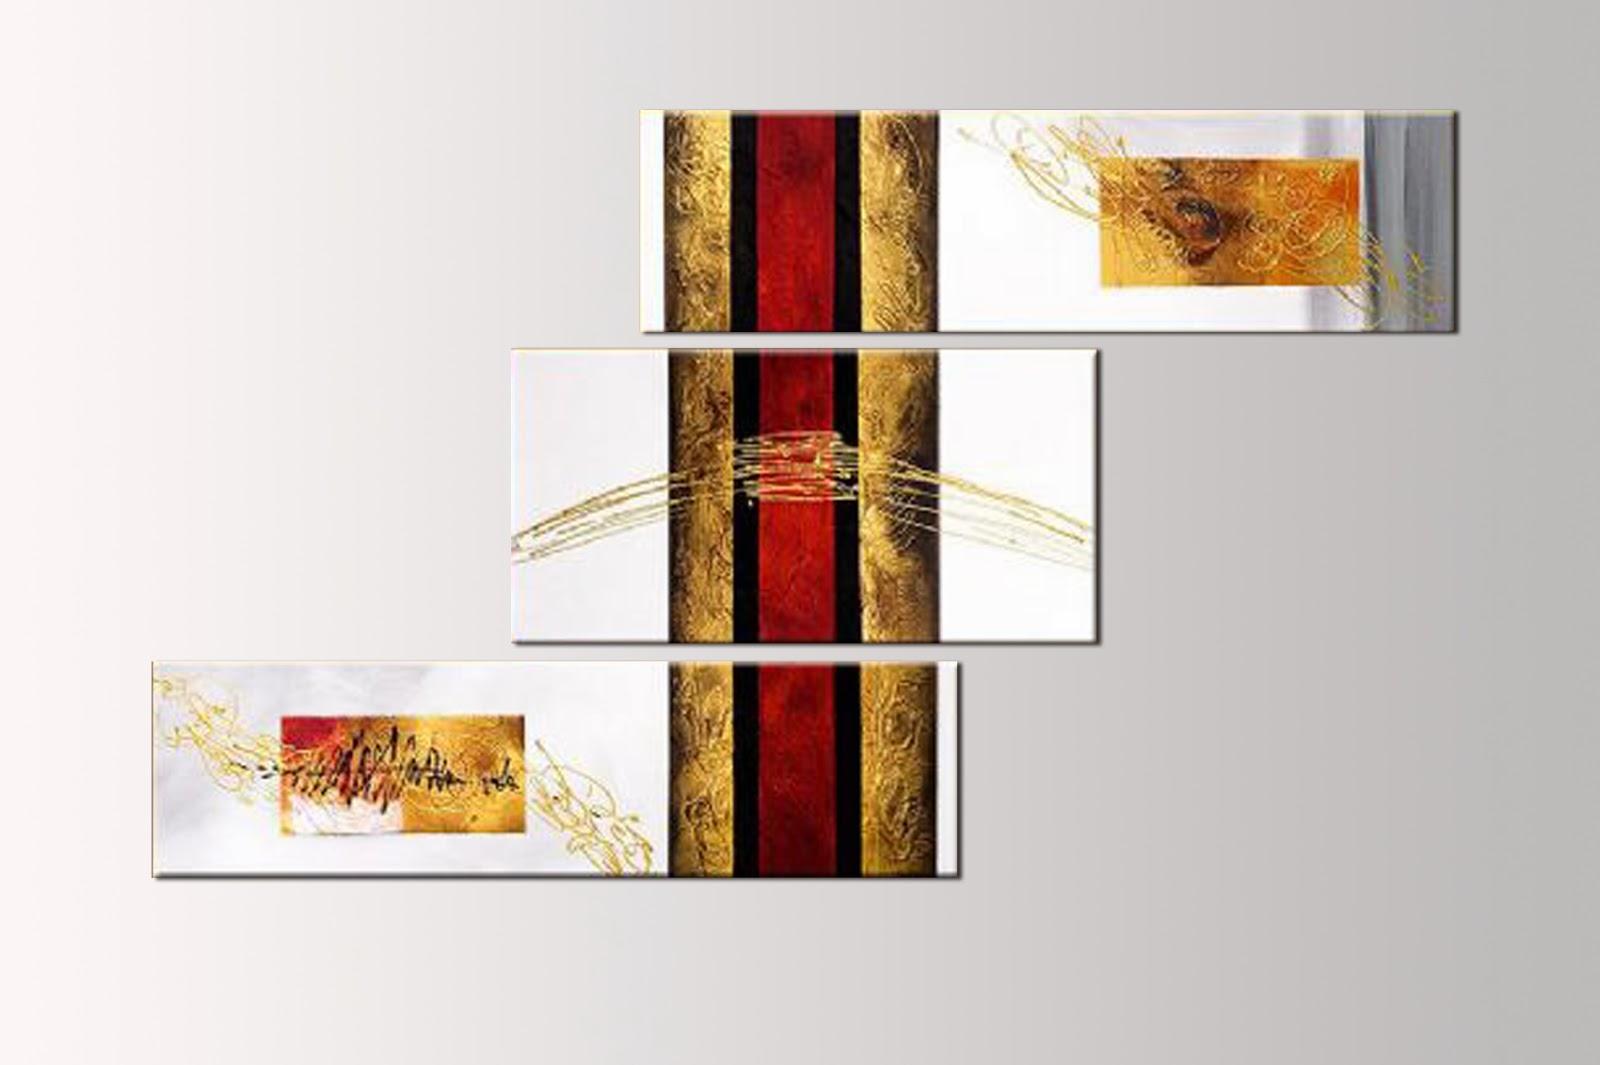 Magnífico 4x6 Marcos De Cuadros Múltiples Ilustración - Ideas ...